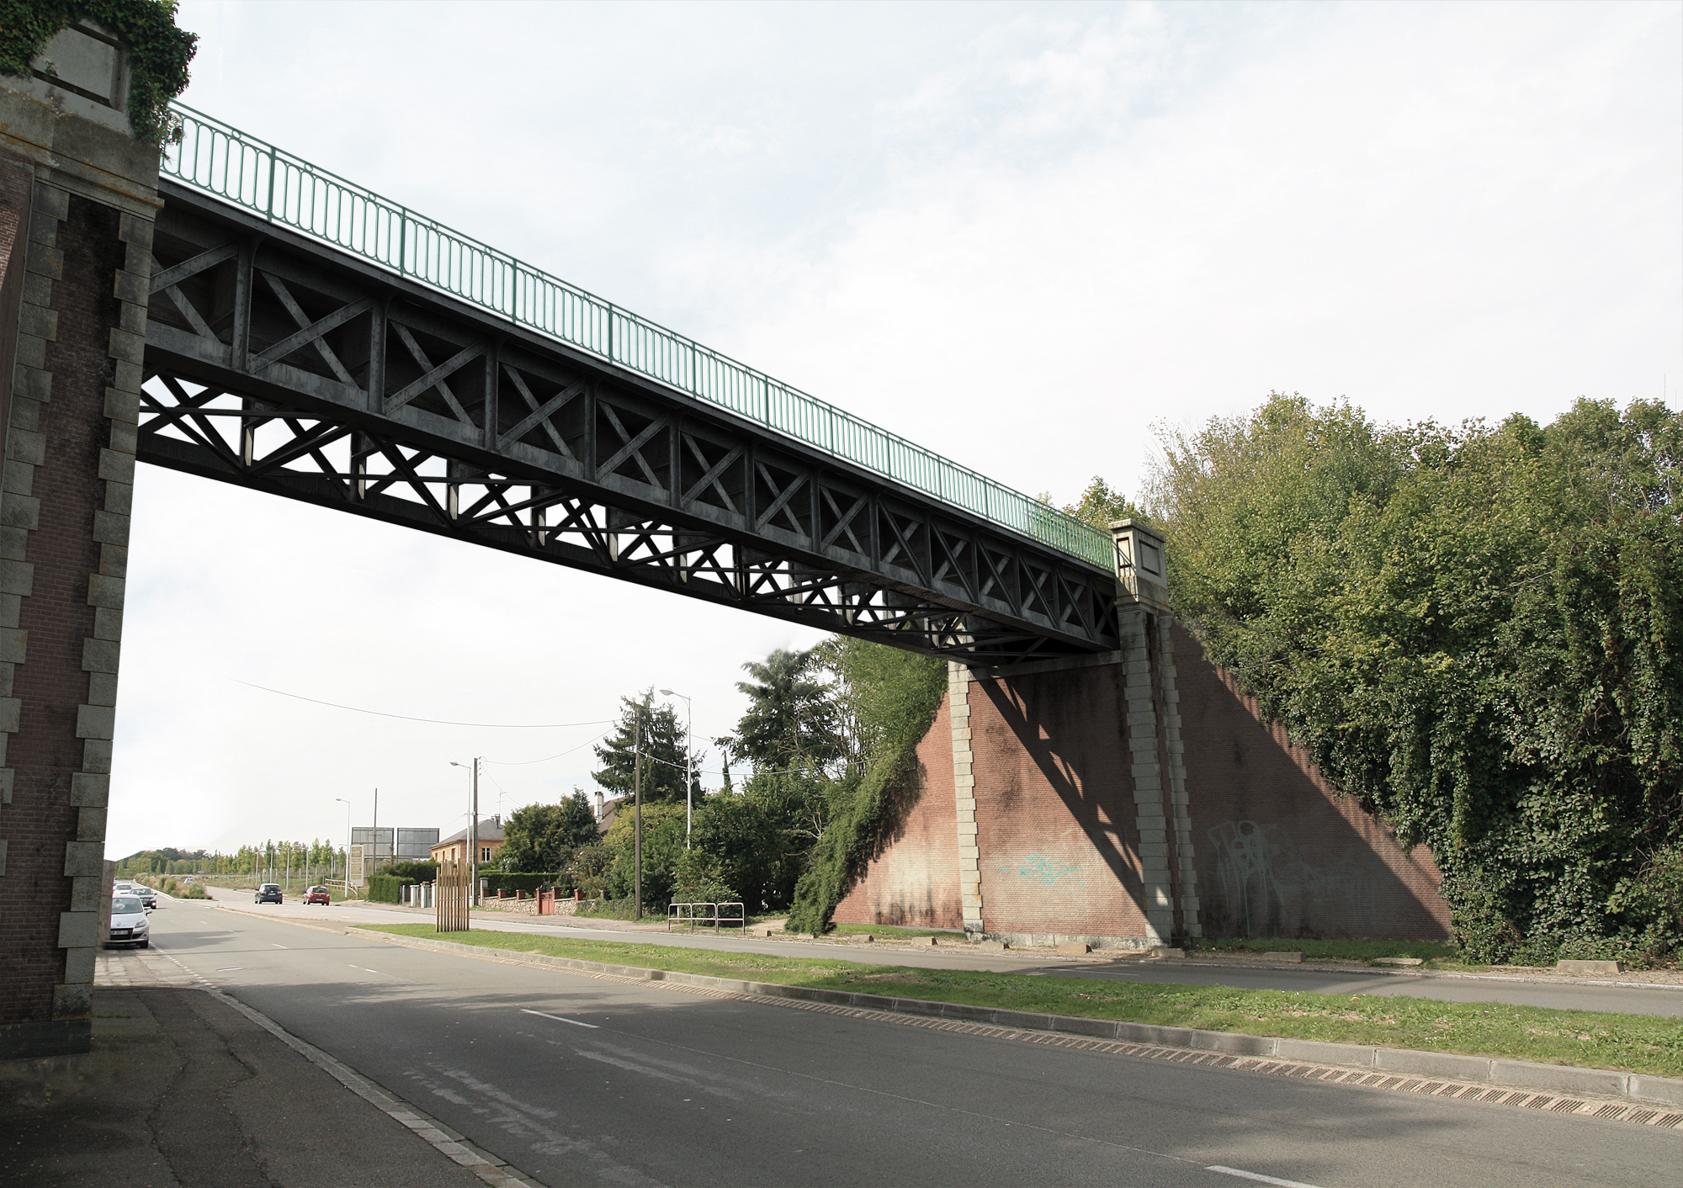 Projet de mise en lumières de ponts à Evreux.